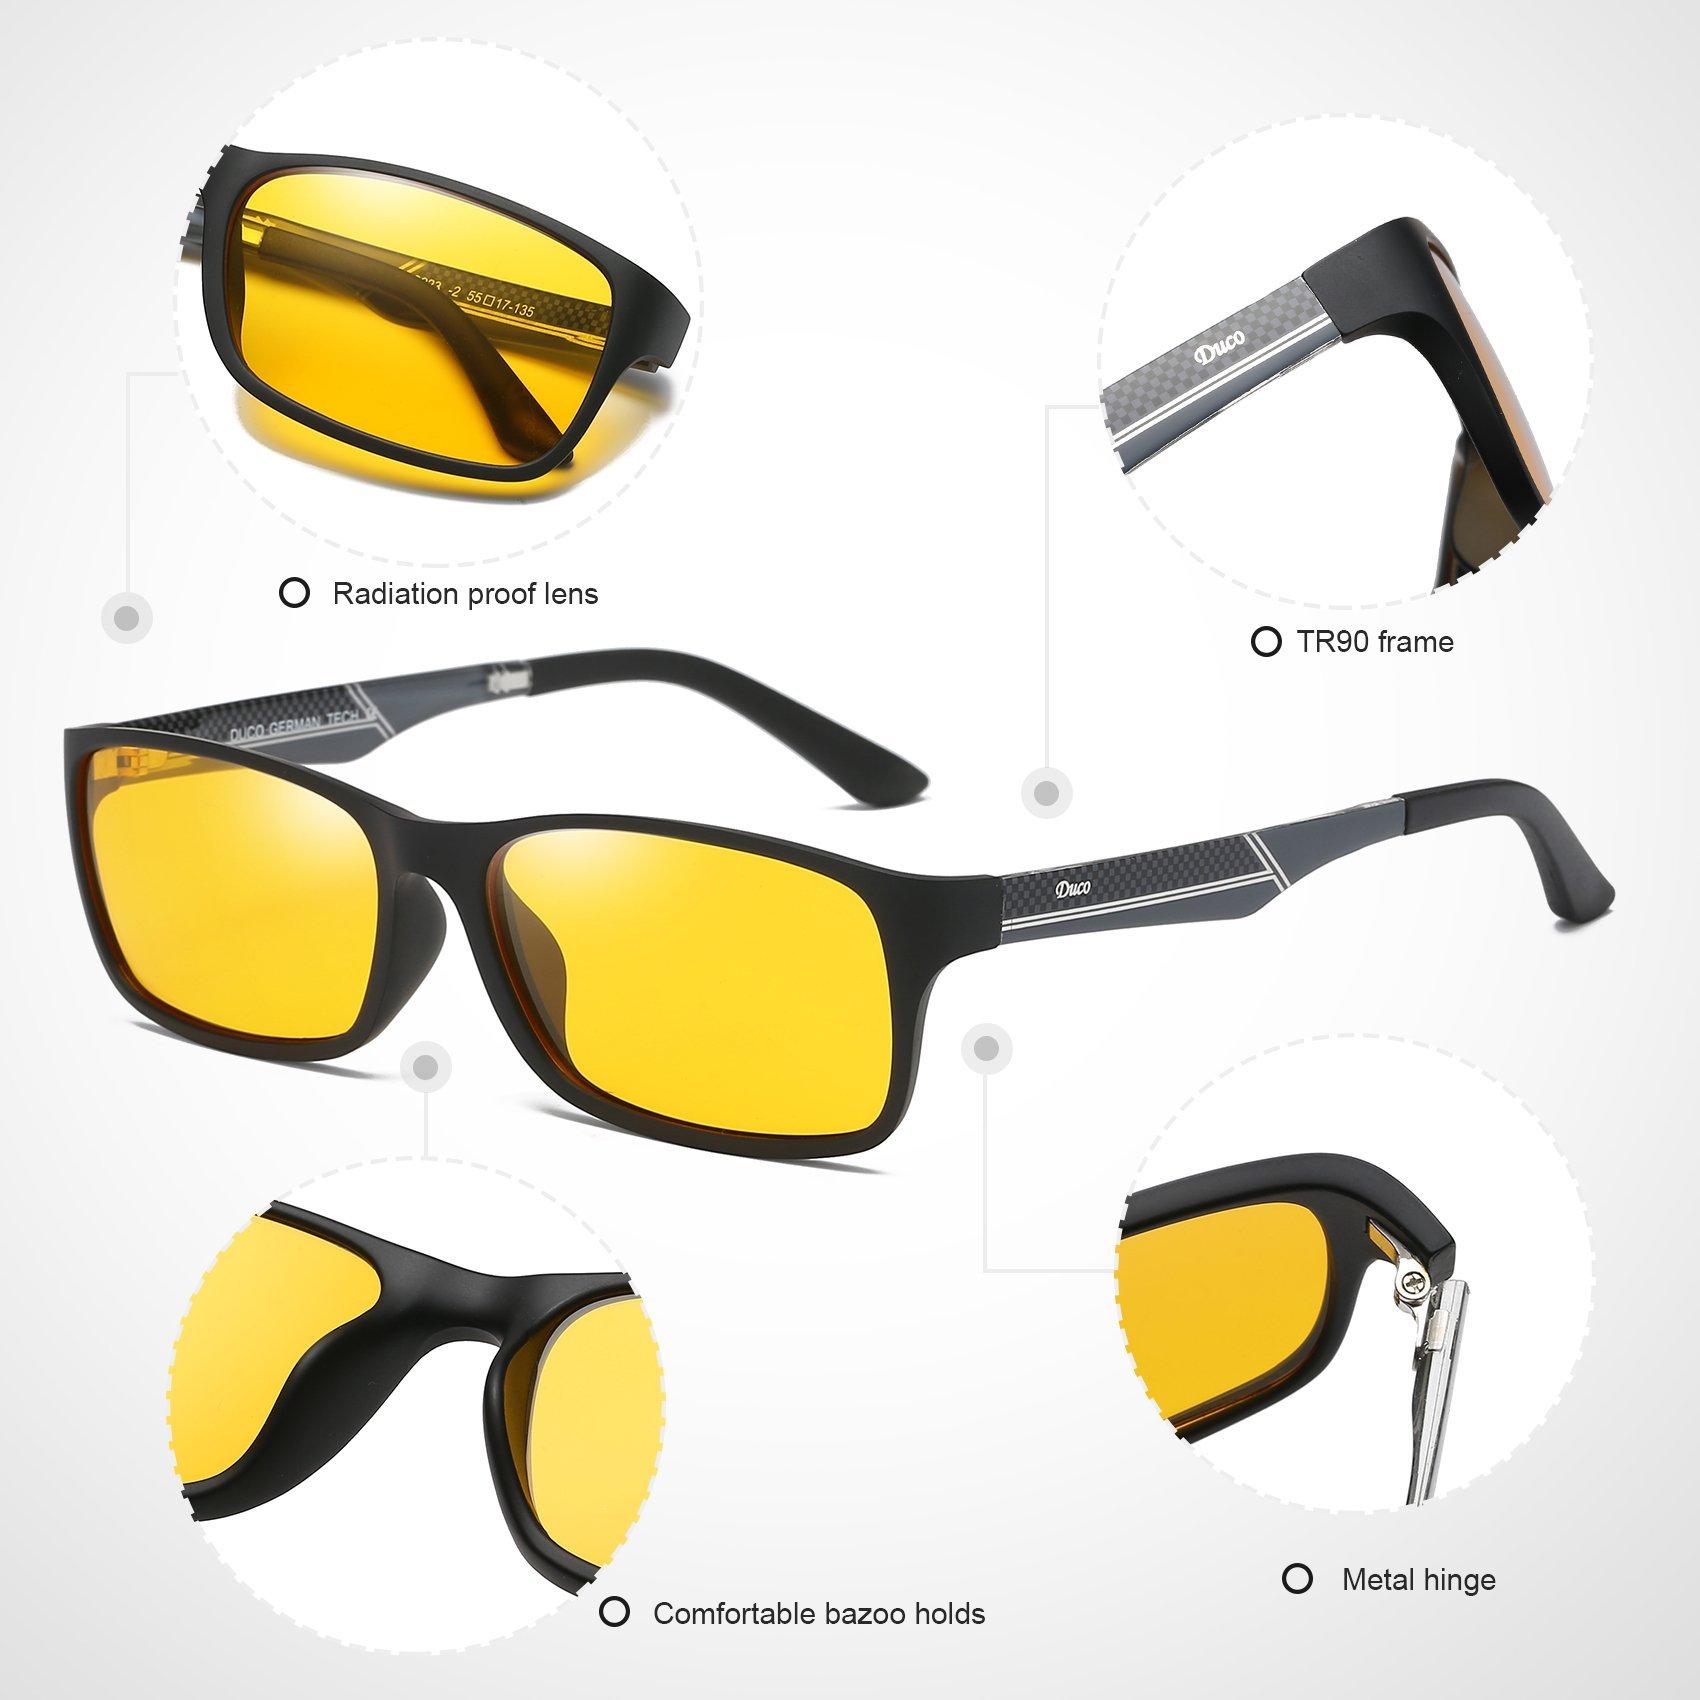 471c499326 DUCO Glasses for Video Games 223 PRO Anti-Glare Protection Anti-Fatigue  Anti UV